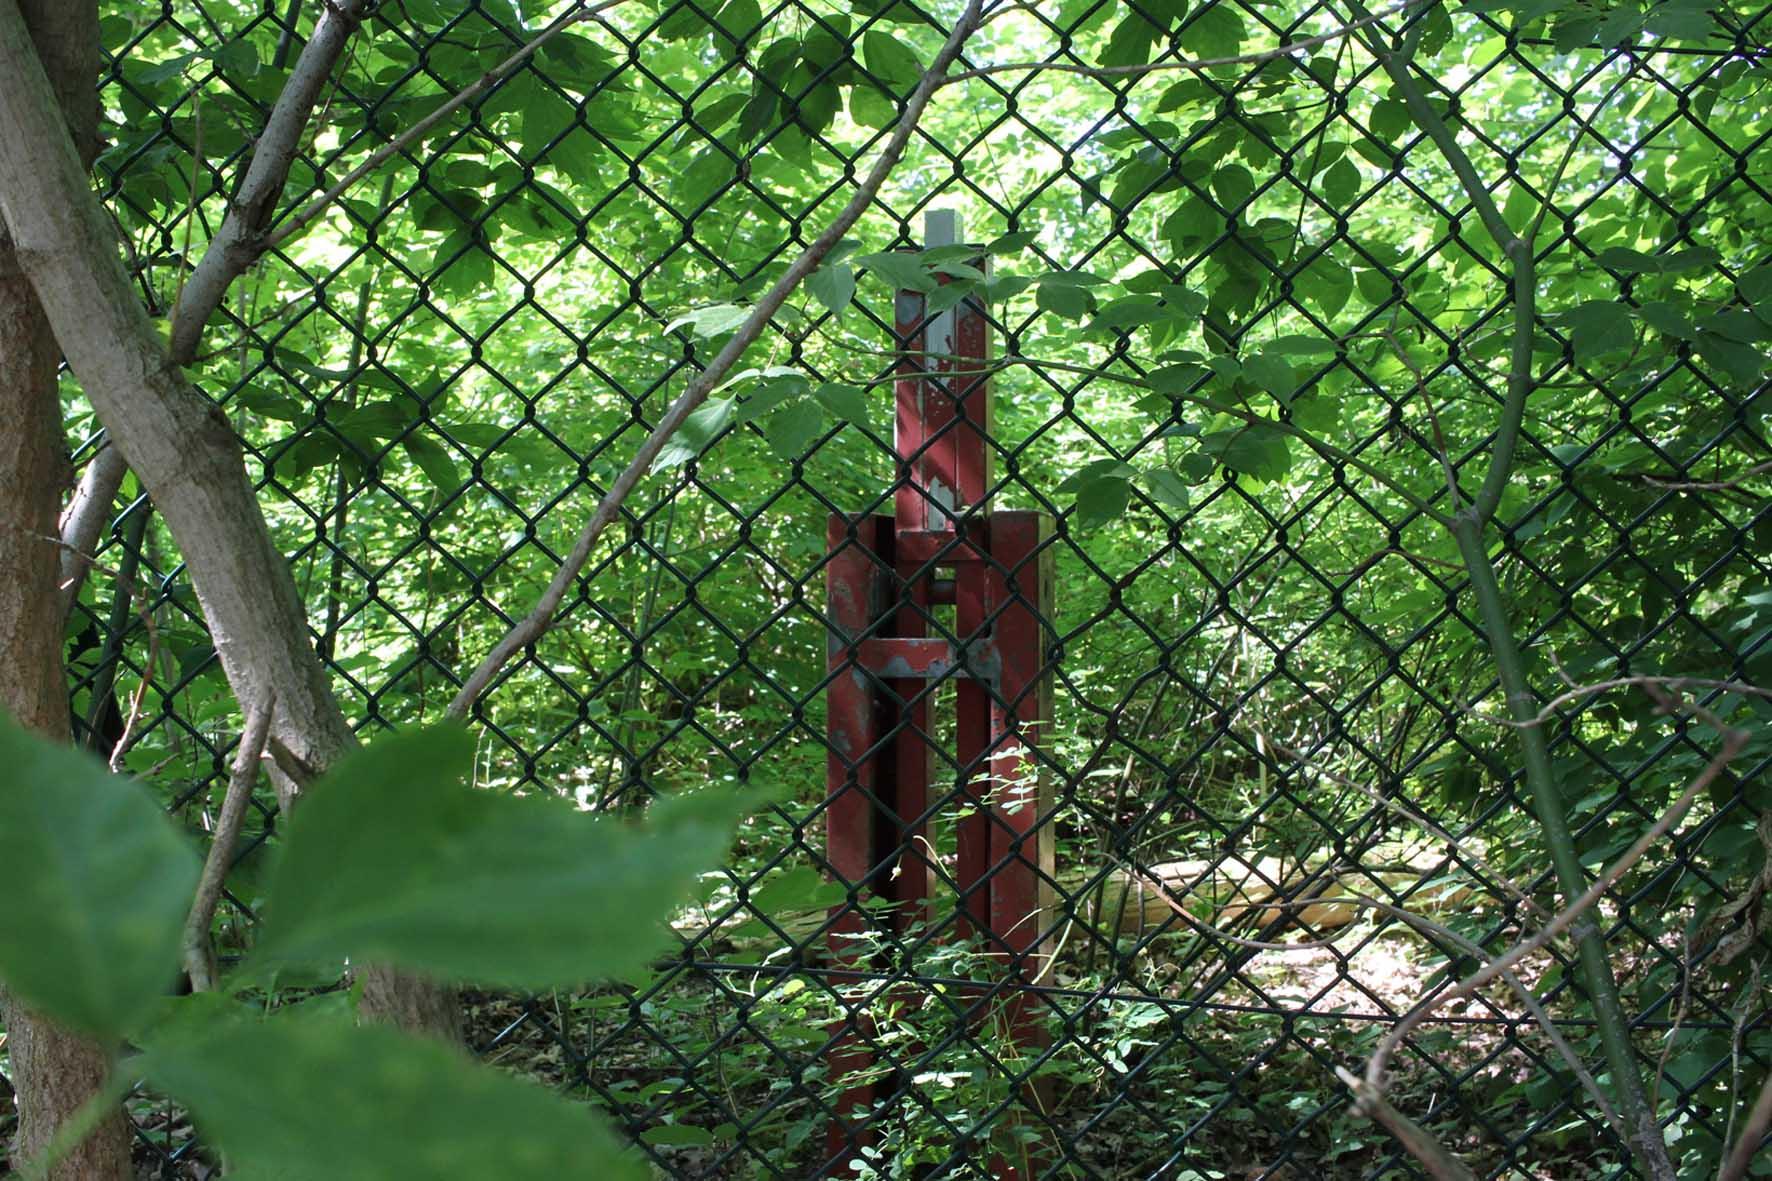 Eine ehemalige Barriere durch dem Grenzzaun Parks Range und Doughboy City - ein ehemaliger Truppenübungsplatz der US Army Berlin Brigade - gesehen